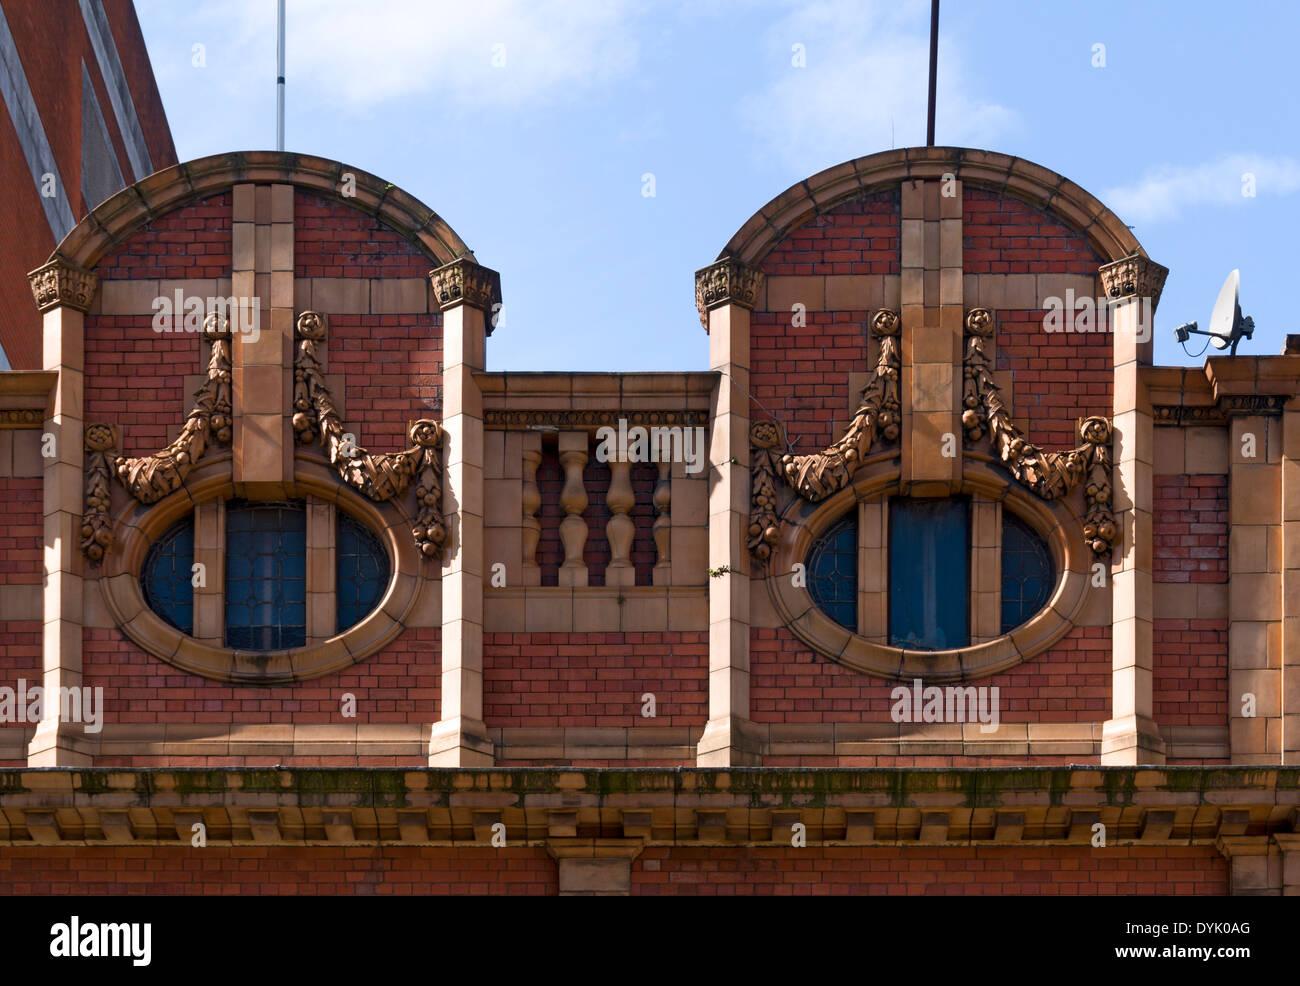 Détail de l'ancien bâtiment du cinéma d'Oxford, Oxford Street, Manchester, Angleterre, Royaume-Uni. Fermée en 1980, l'utilisation de détail maintenant. Photo Stock